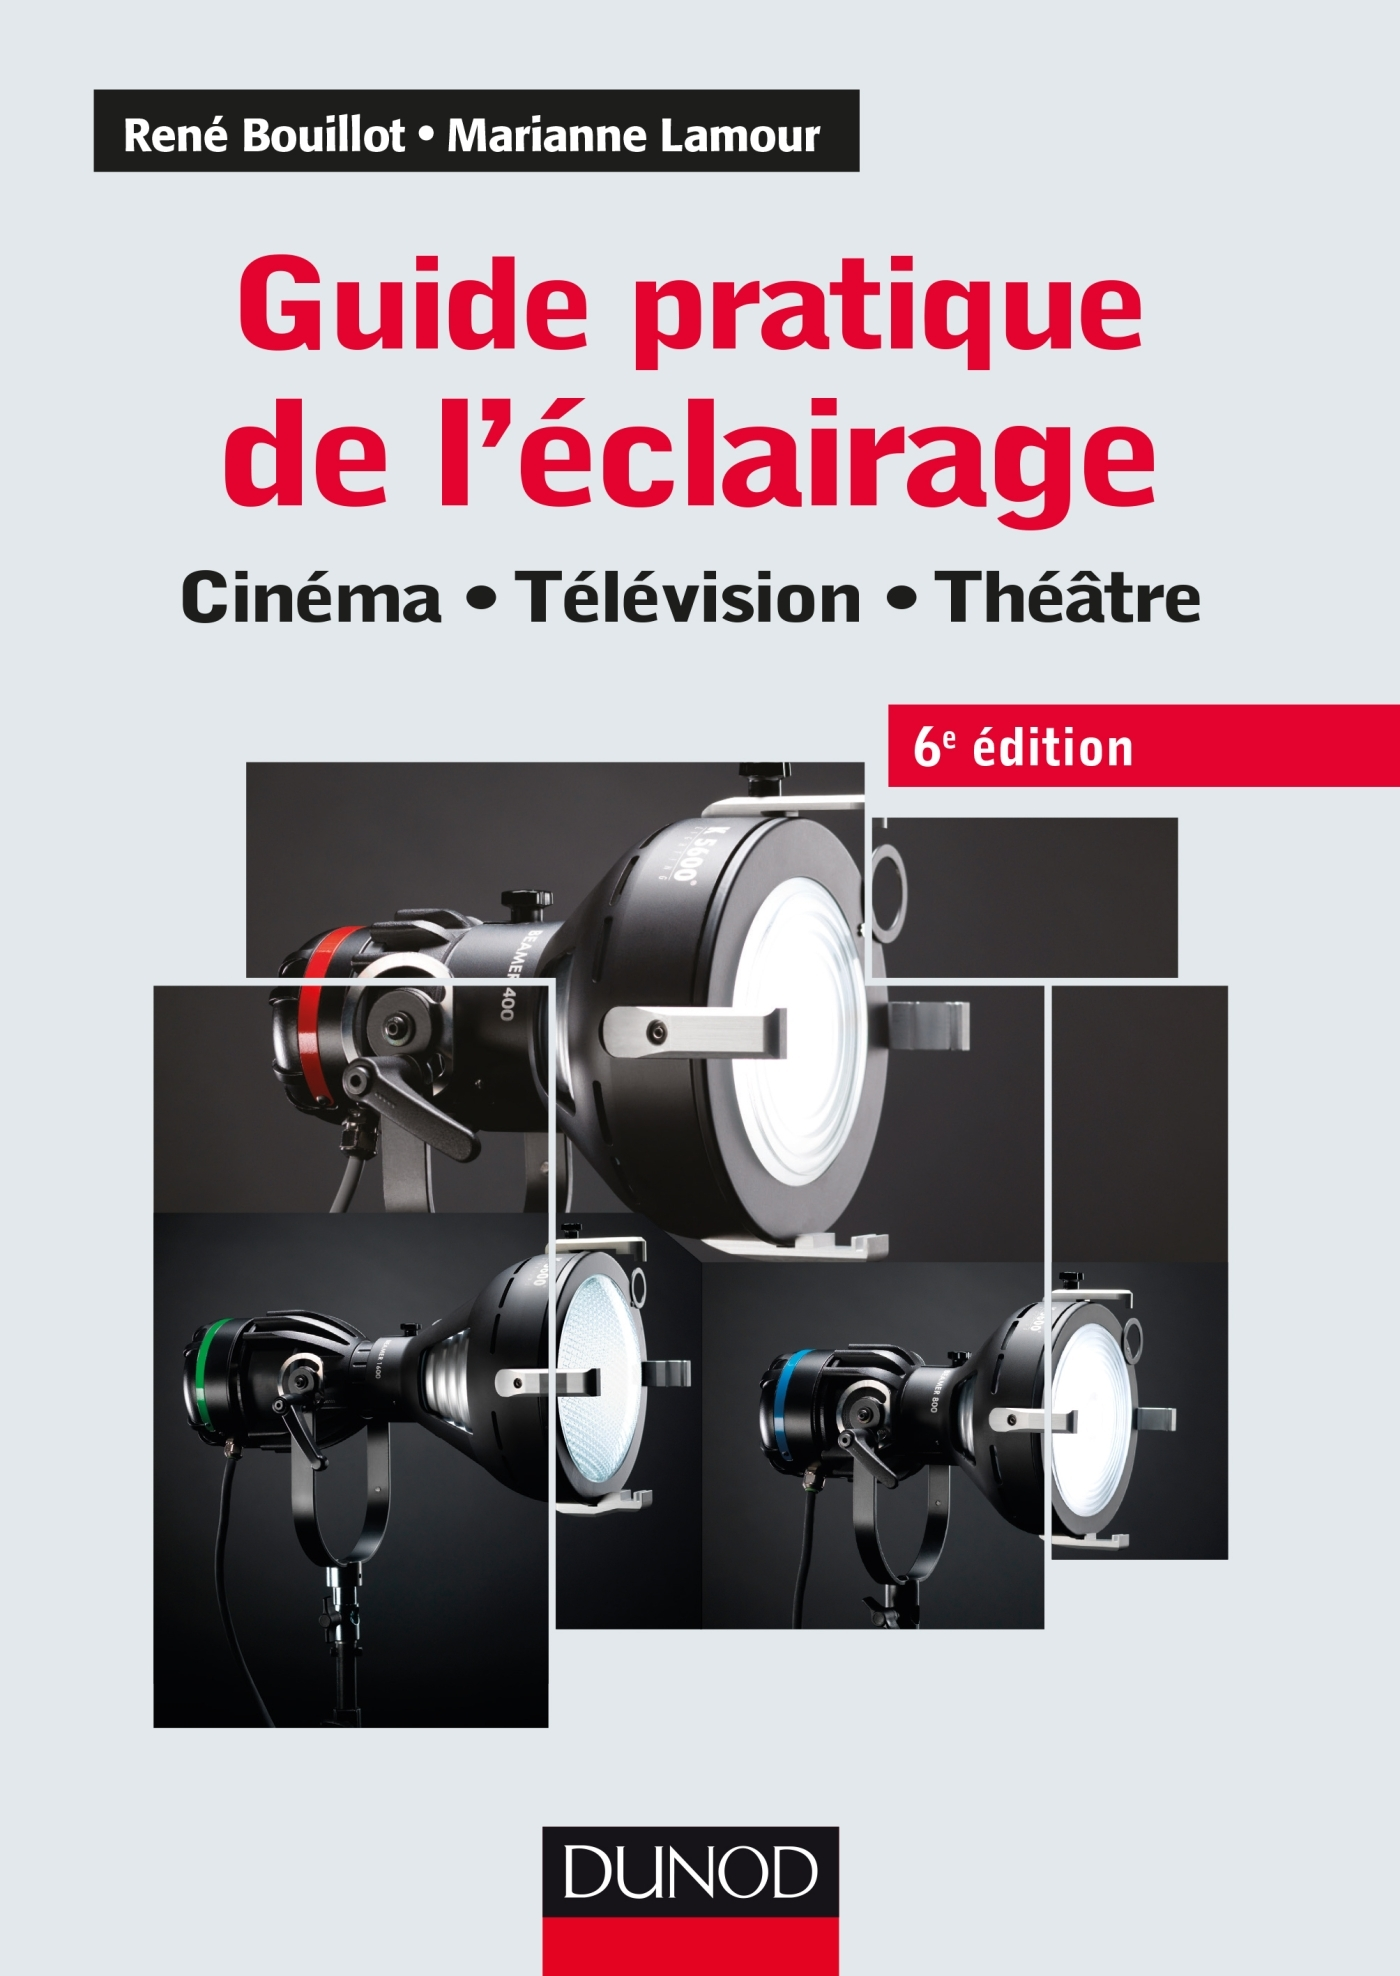 GUIDE PRATIQUE DE L'ECLAIRAGE - 6E ED. - CINEMA, TELEVISION, THEATRE - CINEMA - TELEVISION - THEATRE